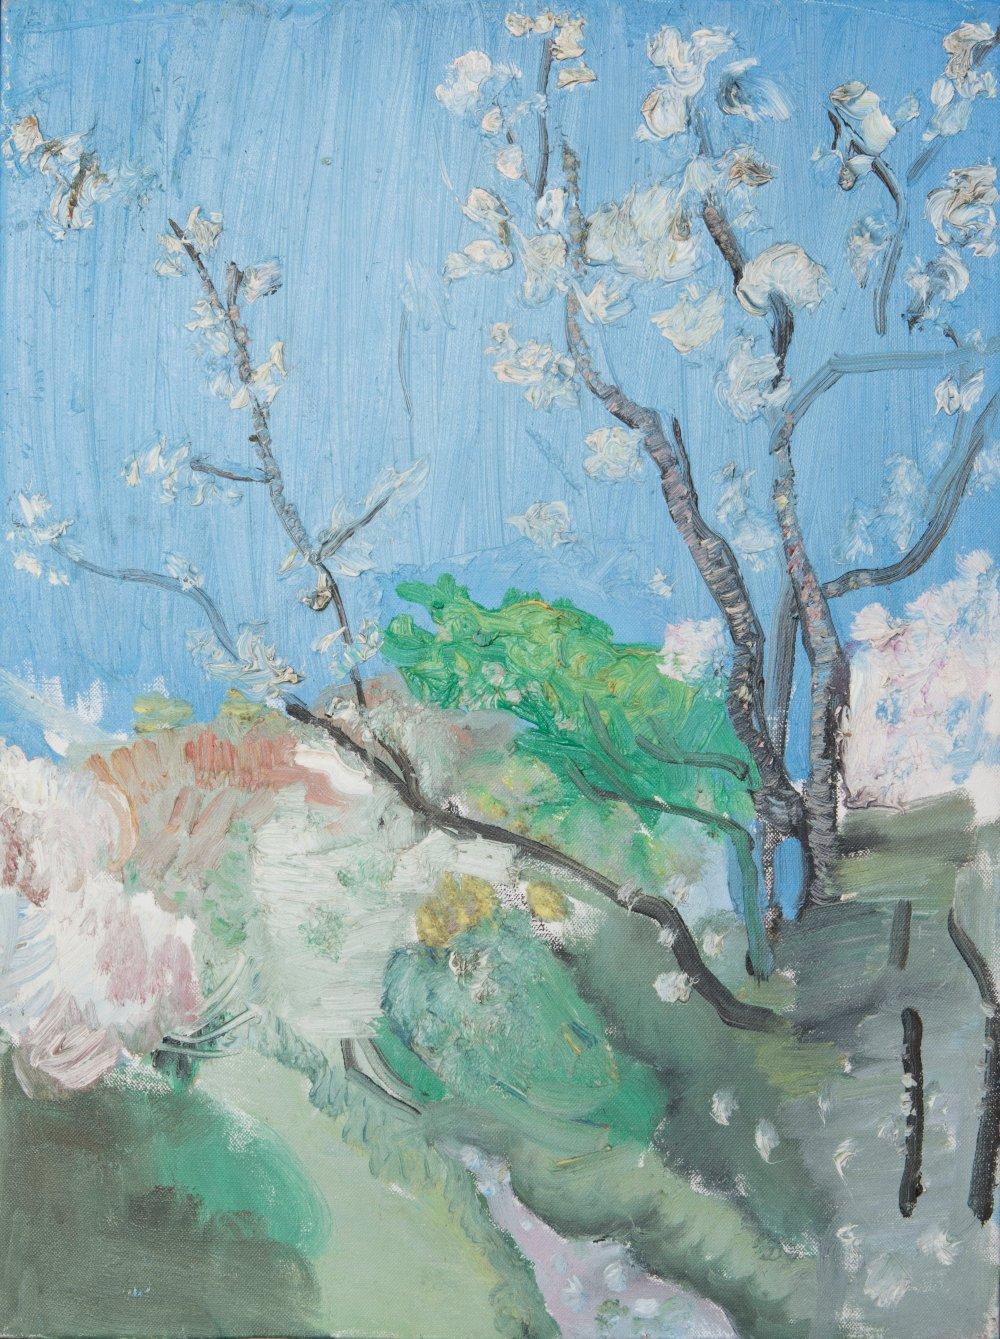 Blossom with Blue Sky